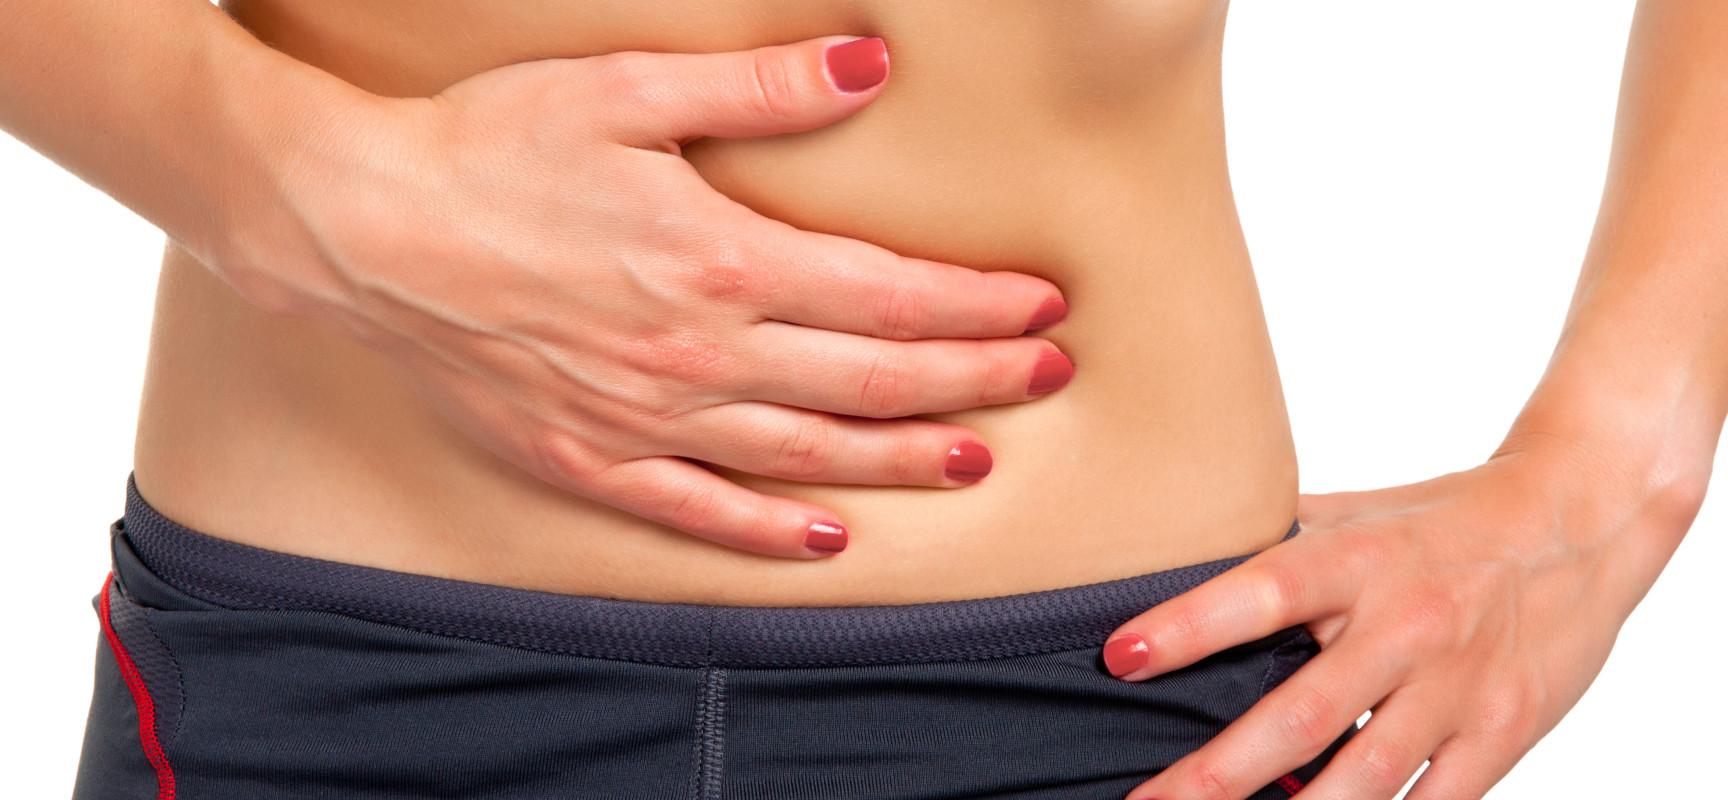 Симптомы и диагностика язвы желудка